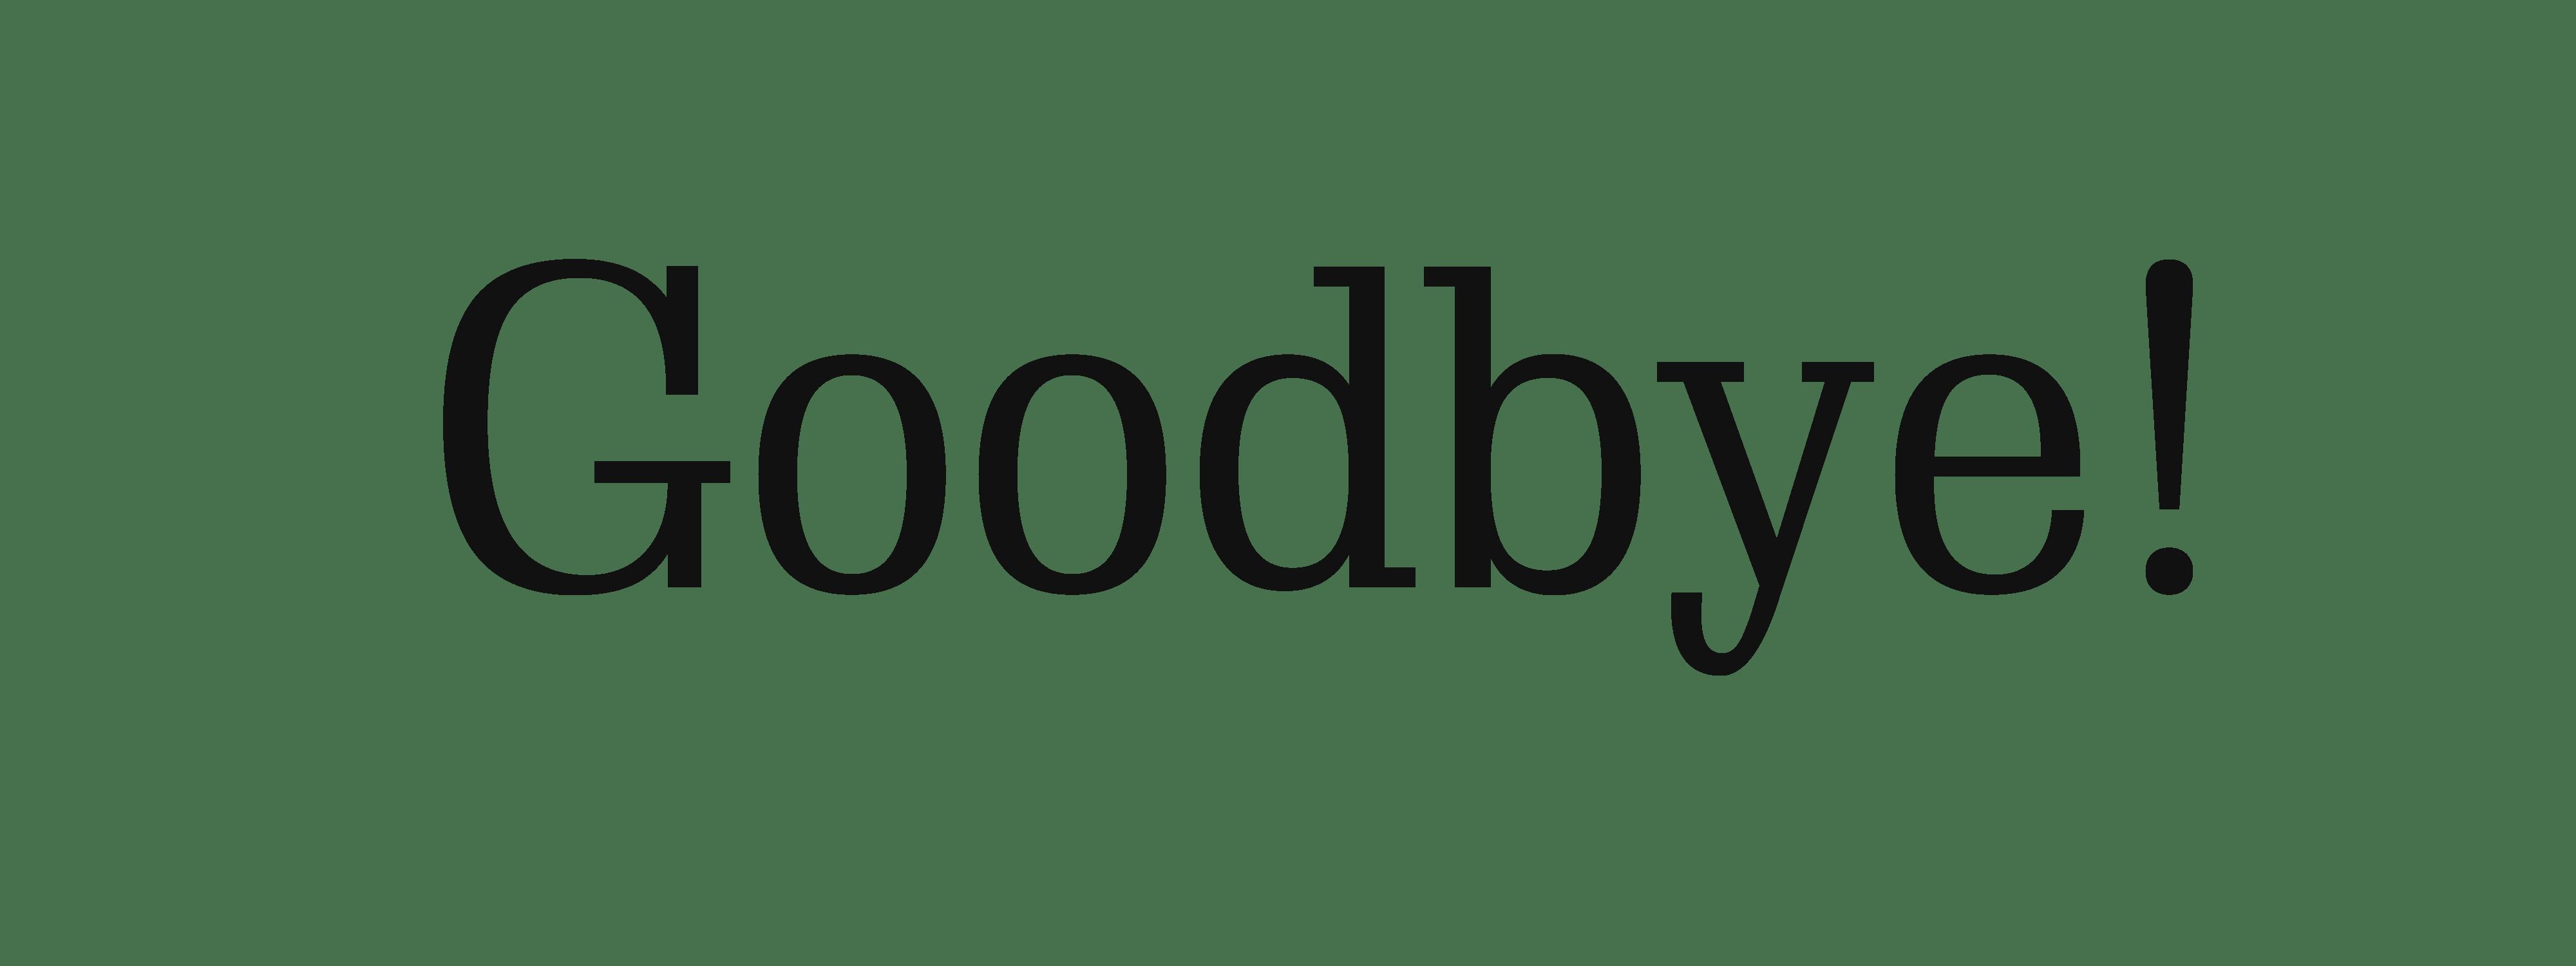 Goodbye Images. printable farewell card printable goodbye